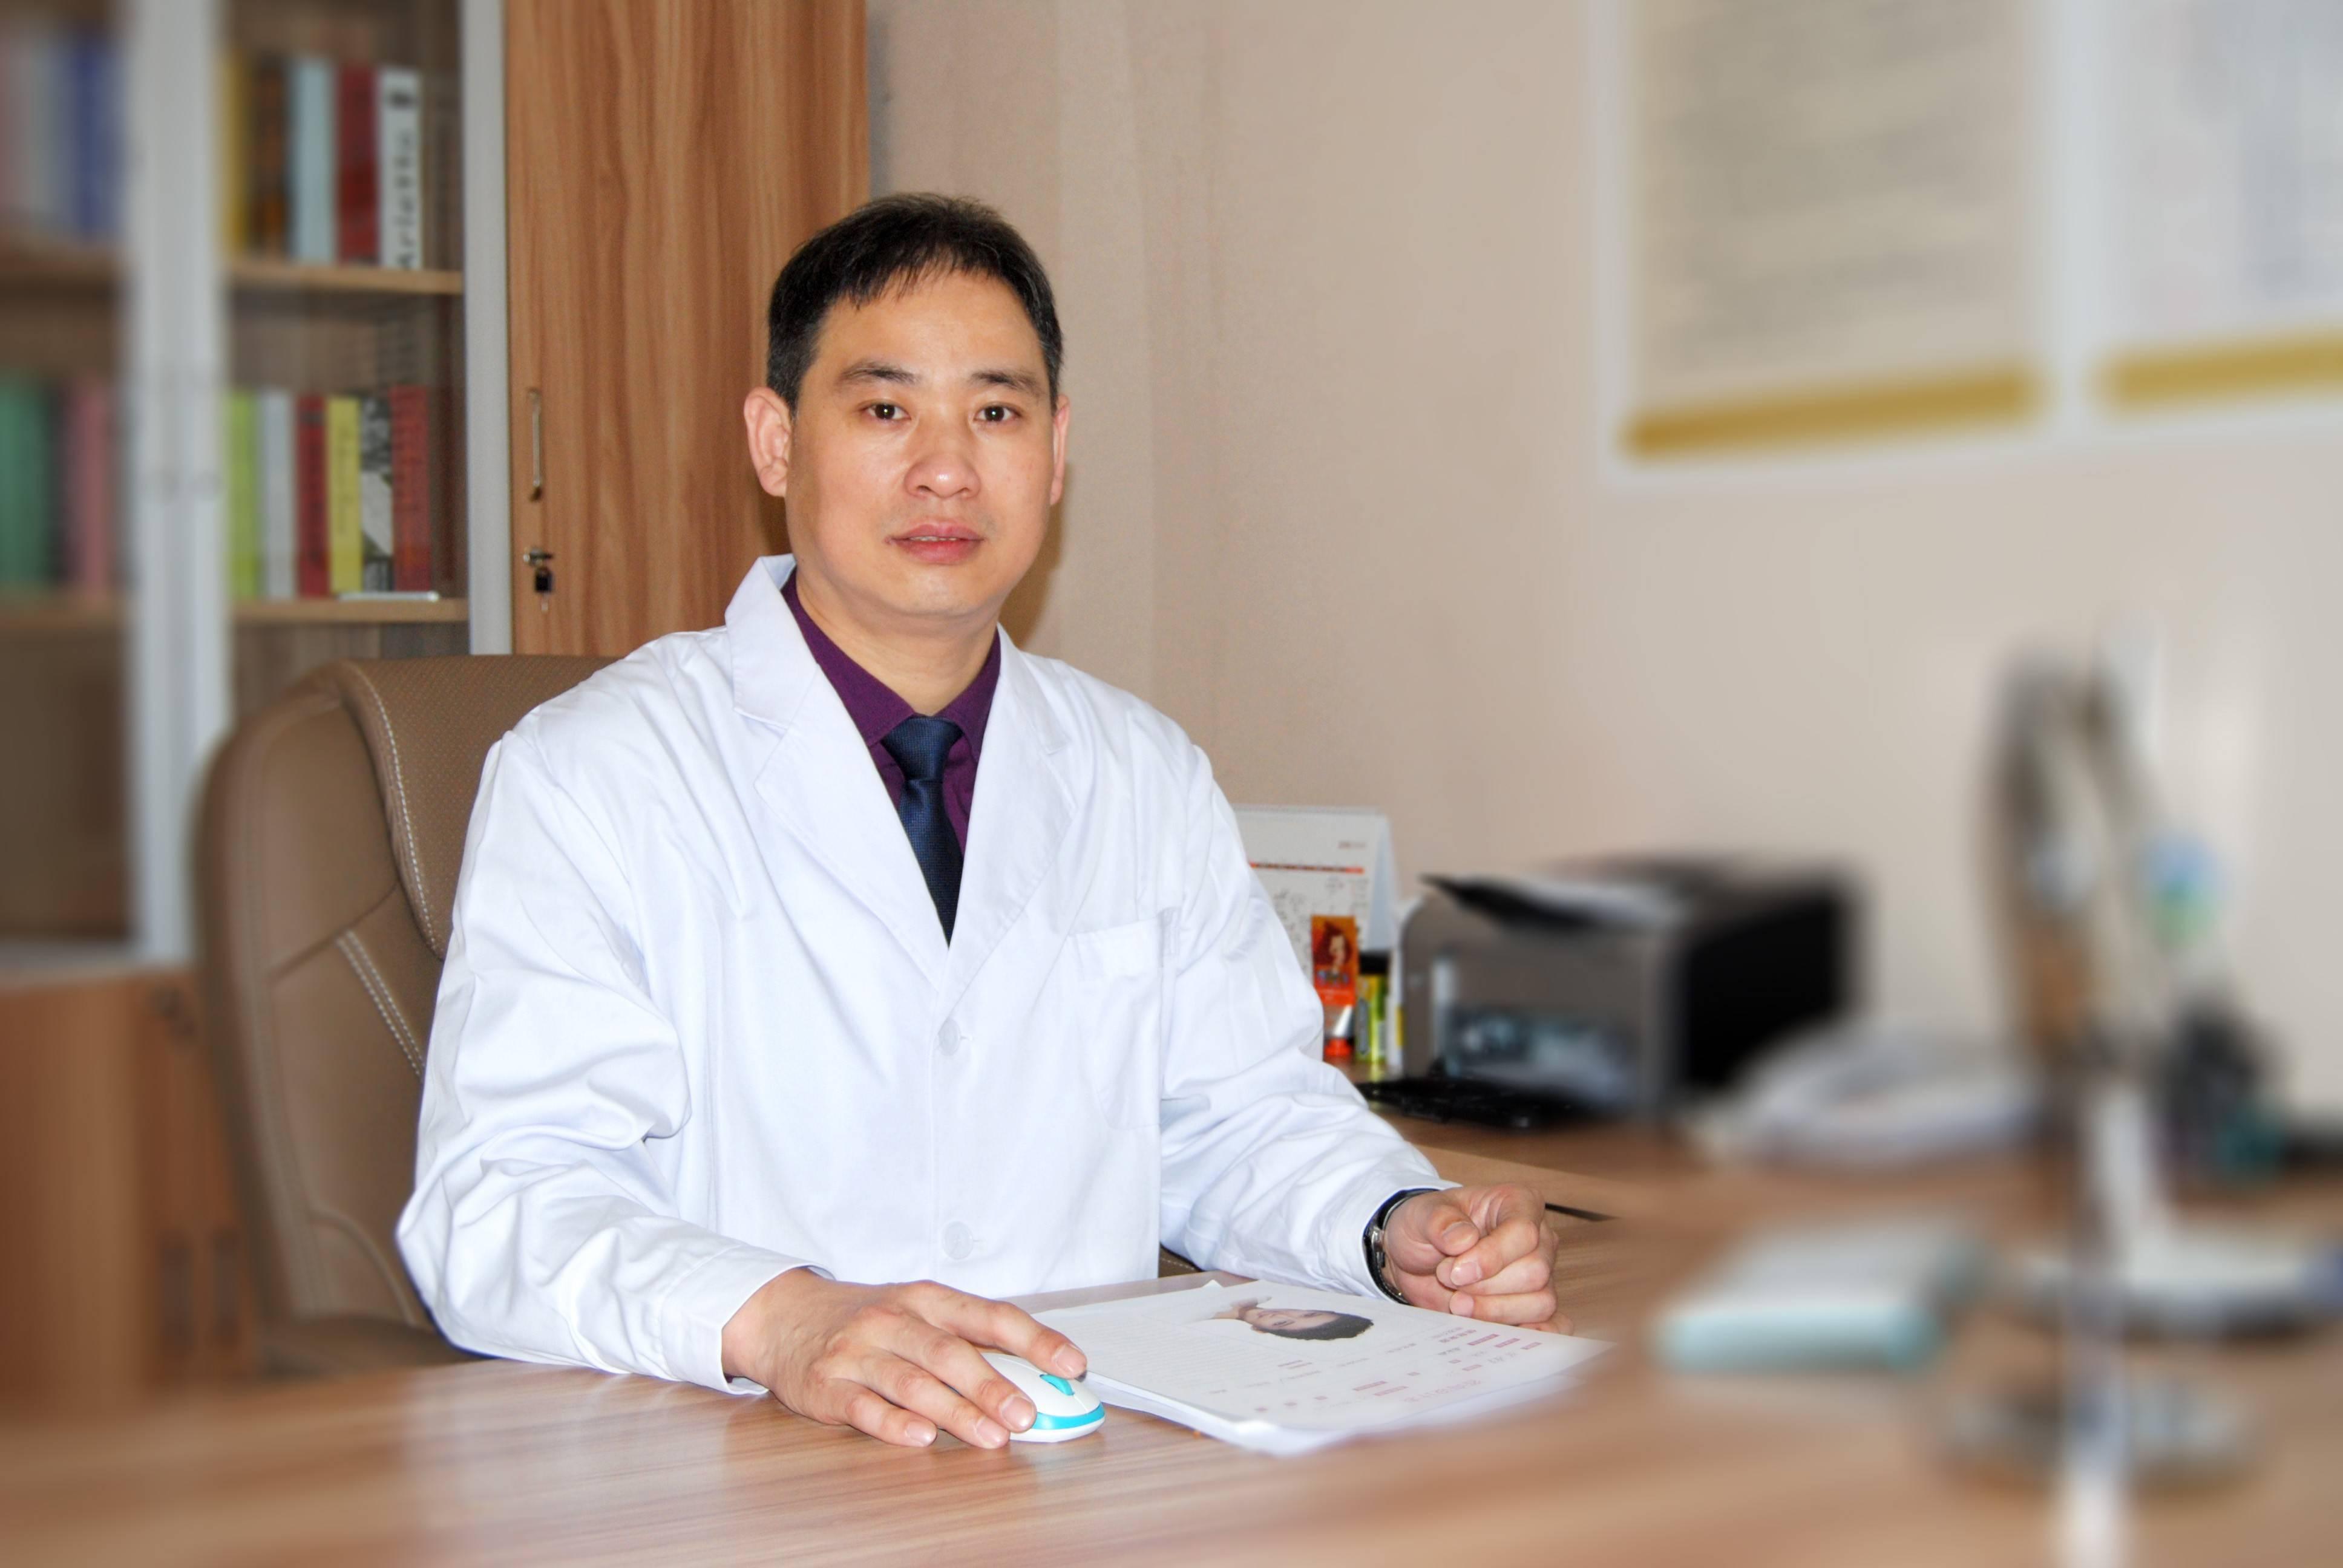 陈林叶医生